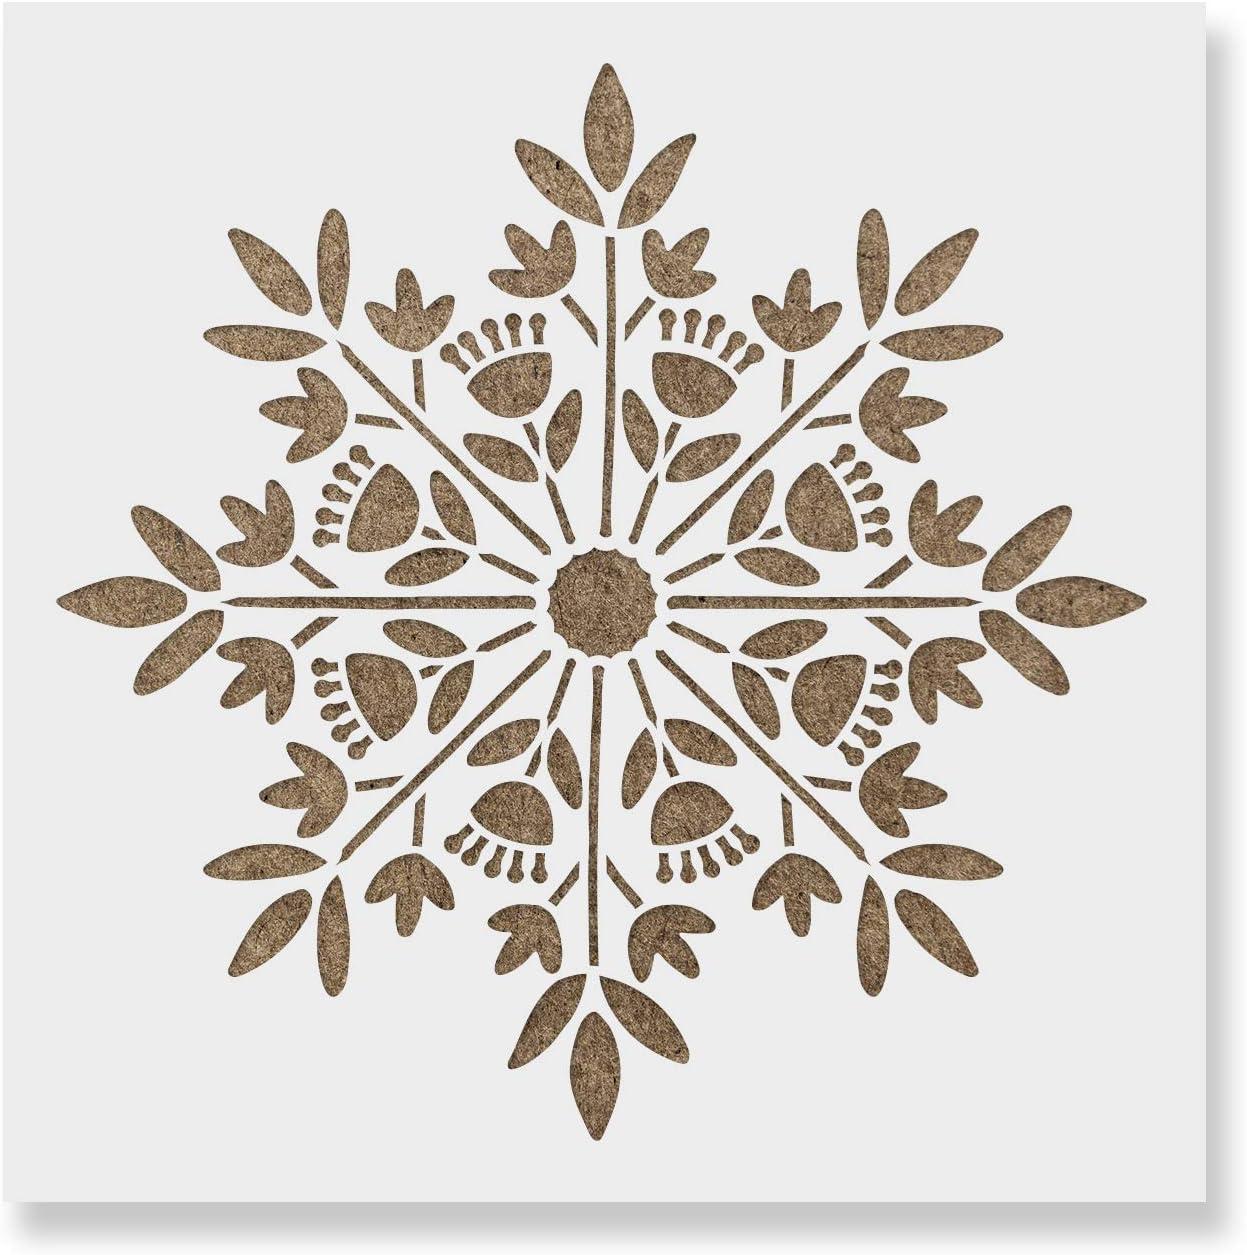 Scandinavian Snowflake Stencil - Reusable Stencils for Painting - Create DIY Scandinavian Snowflake Home Decor